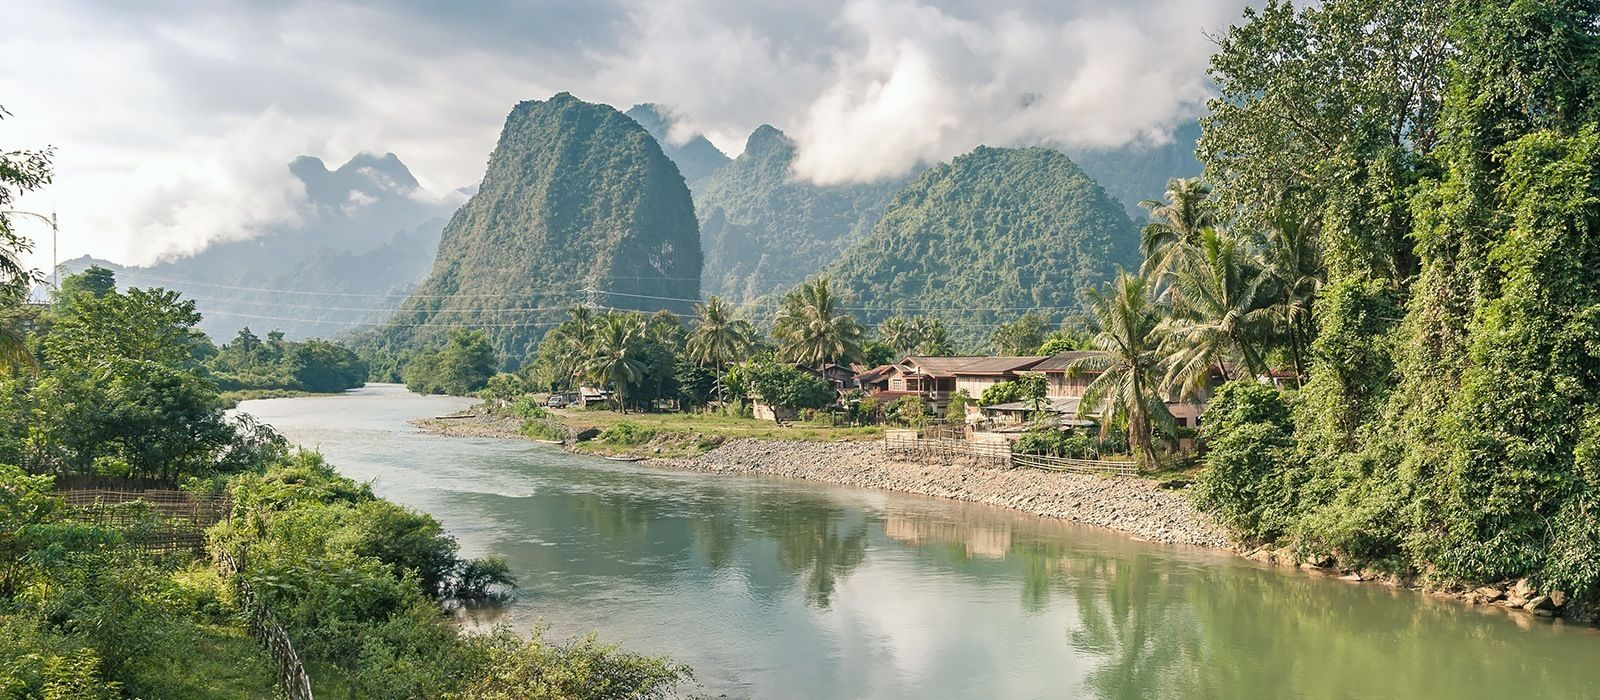 Laos Reise zu Lande und zu Wasser Urlaub 2